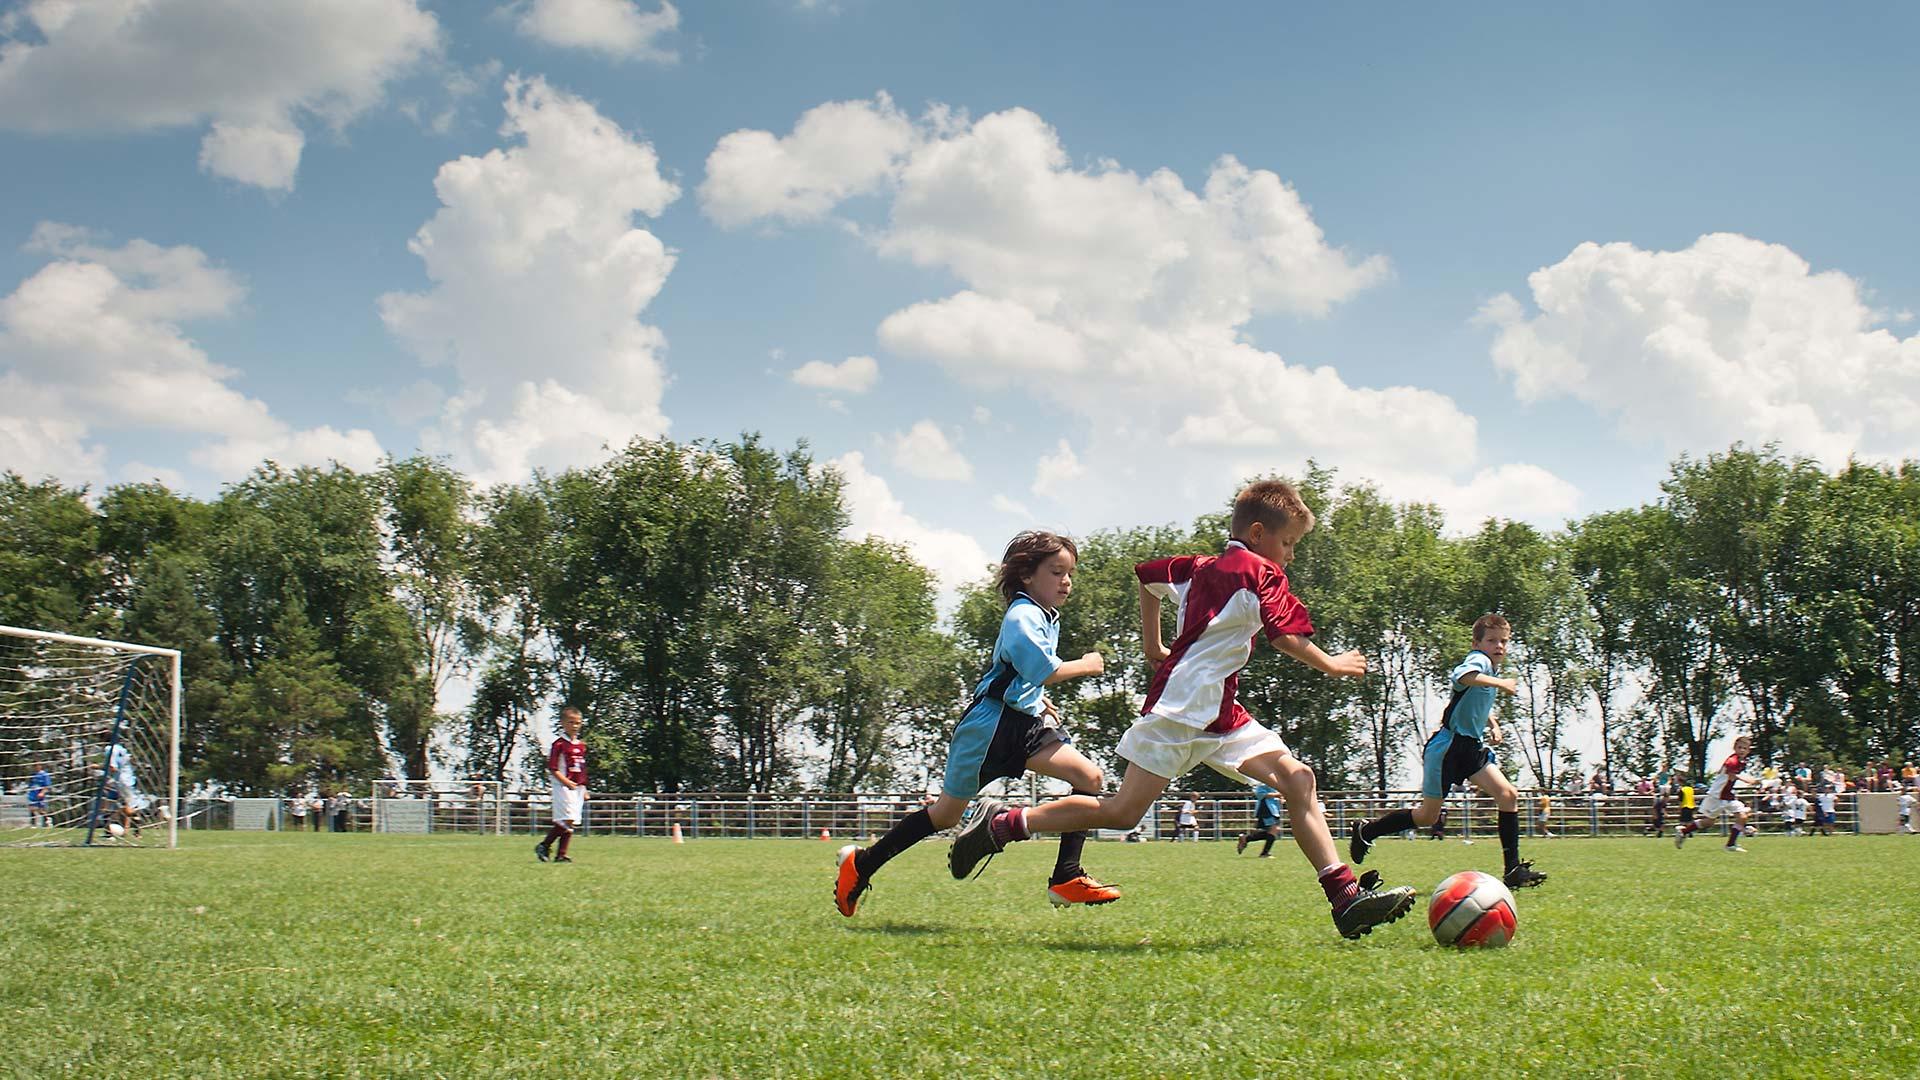 generálny partner detských futbalových turnajov – BLACHOTRAPEZ CUP